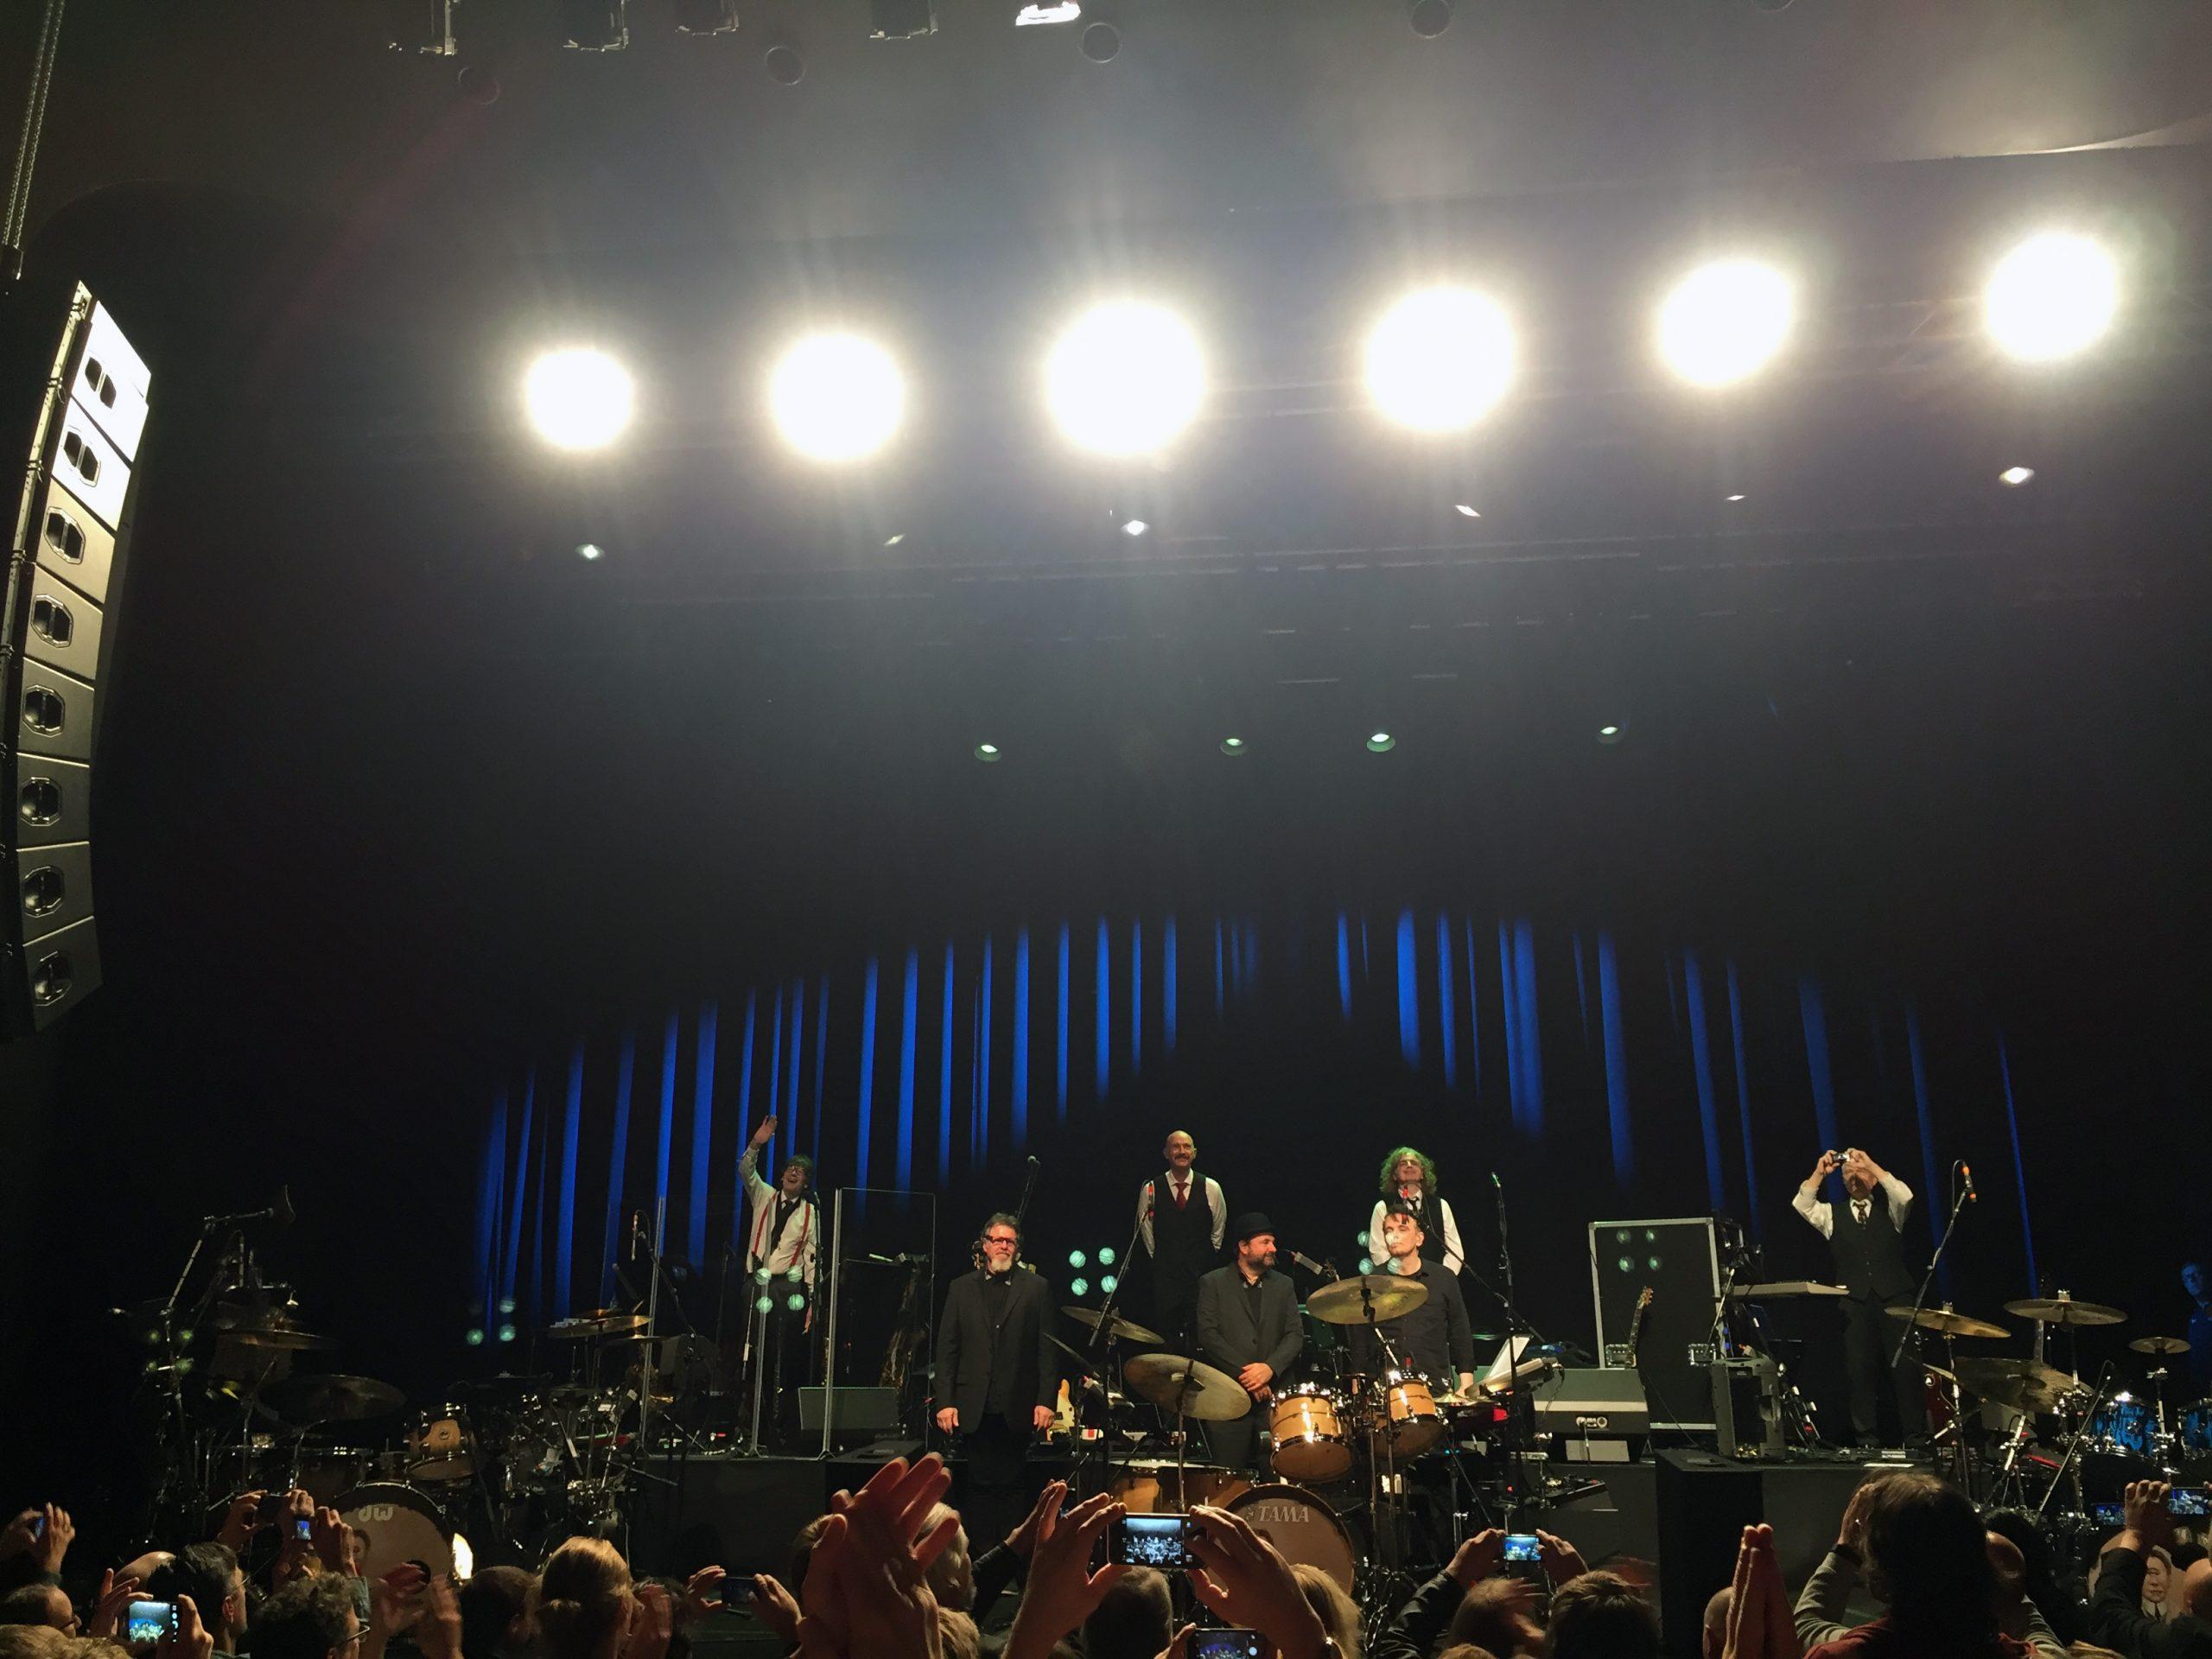 KONGEBAND: King Crimson presterte å få musikk som i utgangspunktet virker svært teknisk brilliant til å låte organisk, nyansert og mangfoldig. Etter konserten fikk vi lov til å ta bilder av bandet. B.f.v.: Mel Collins, Tony Levin, Jakko Jakszyk og Robert Fripp. F.f.v.: Pat Mastelotto, Jeremy Stacey og Gavin Harrison. Foto: Martin Aasen Wright